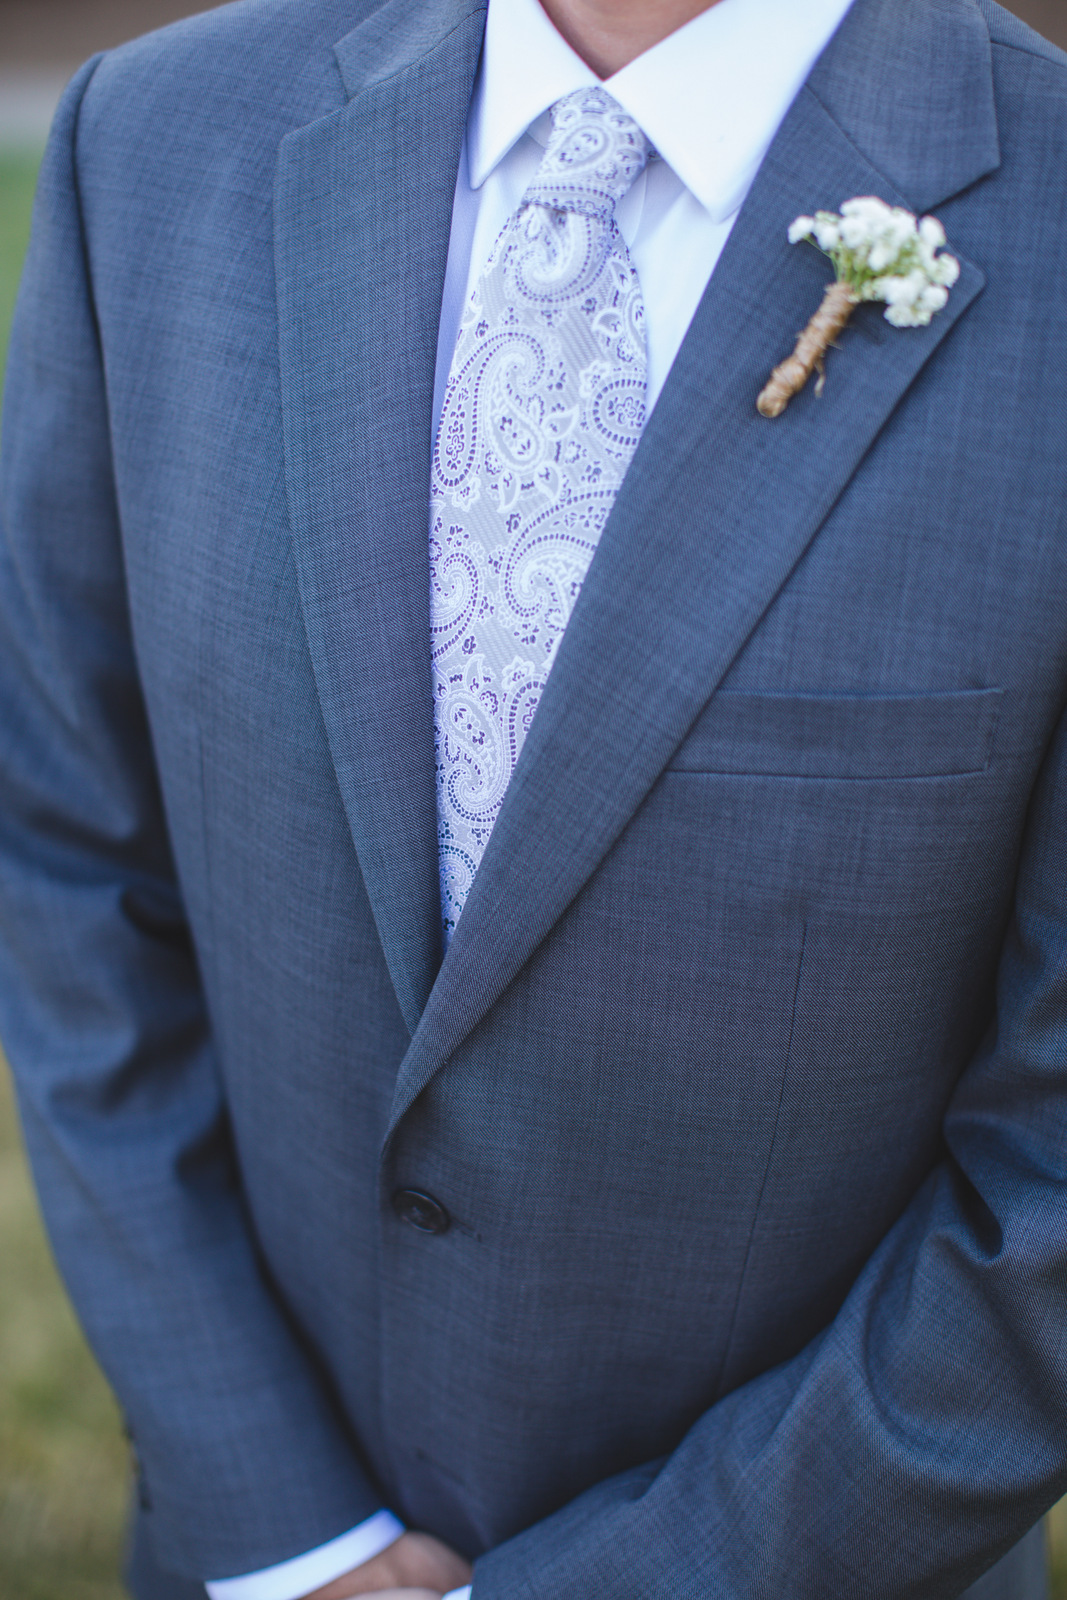 RyanKacie-weddingparty-1-121.jpg